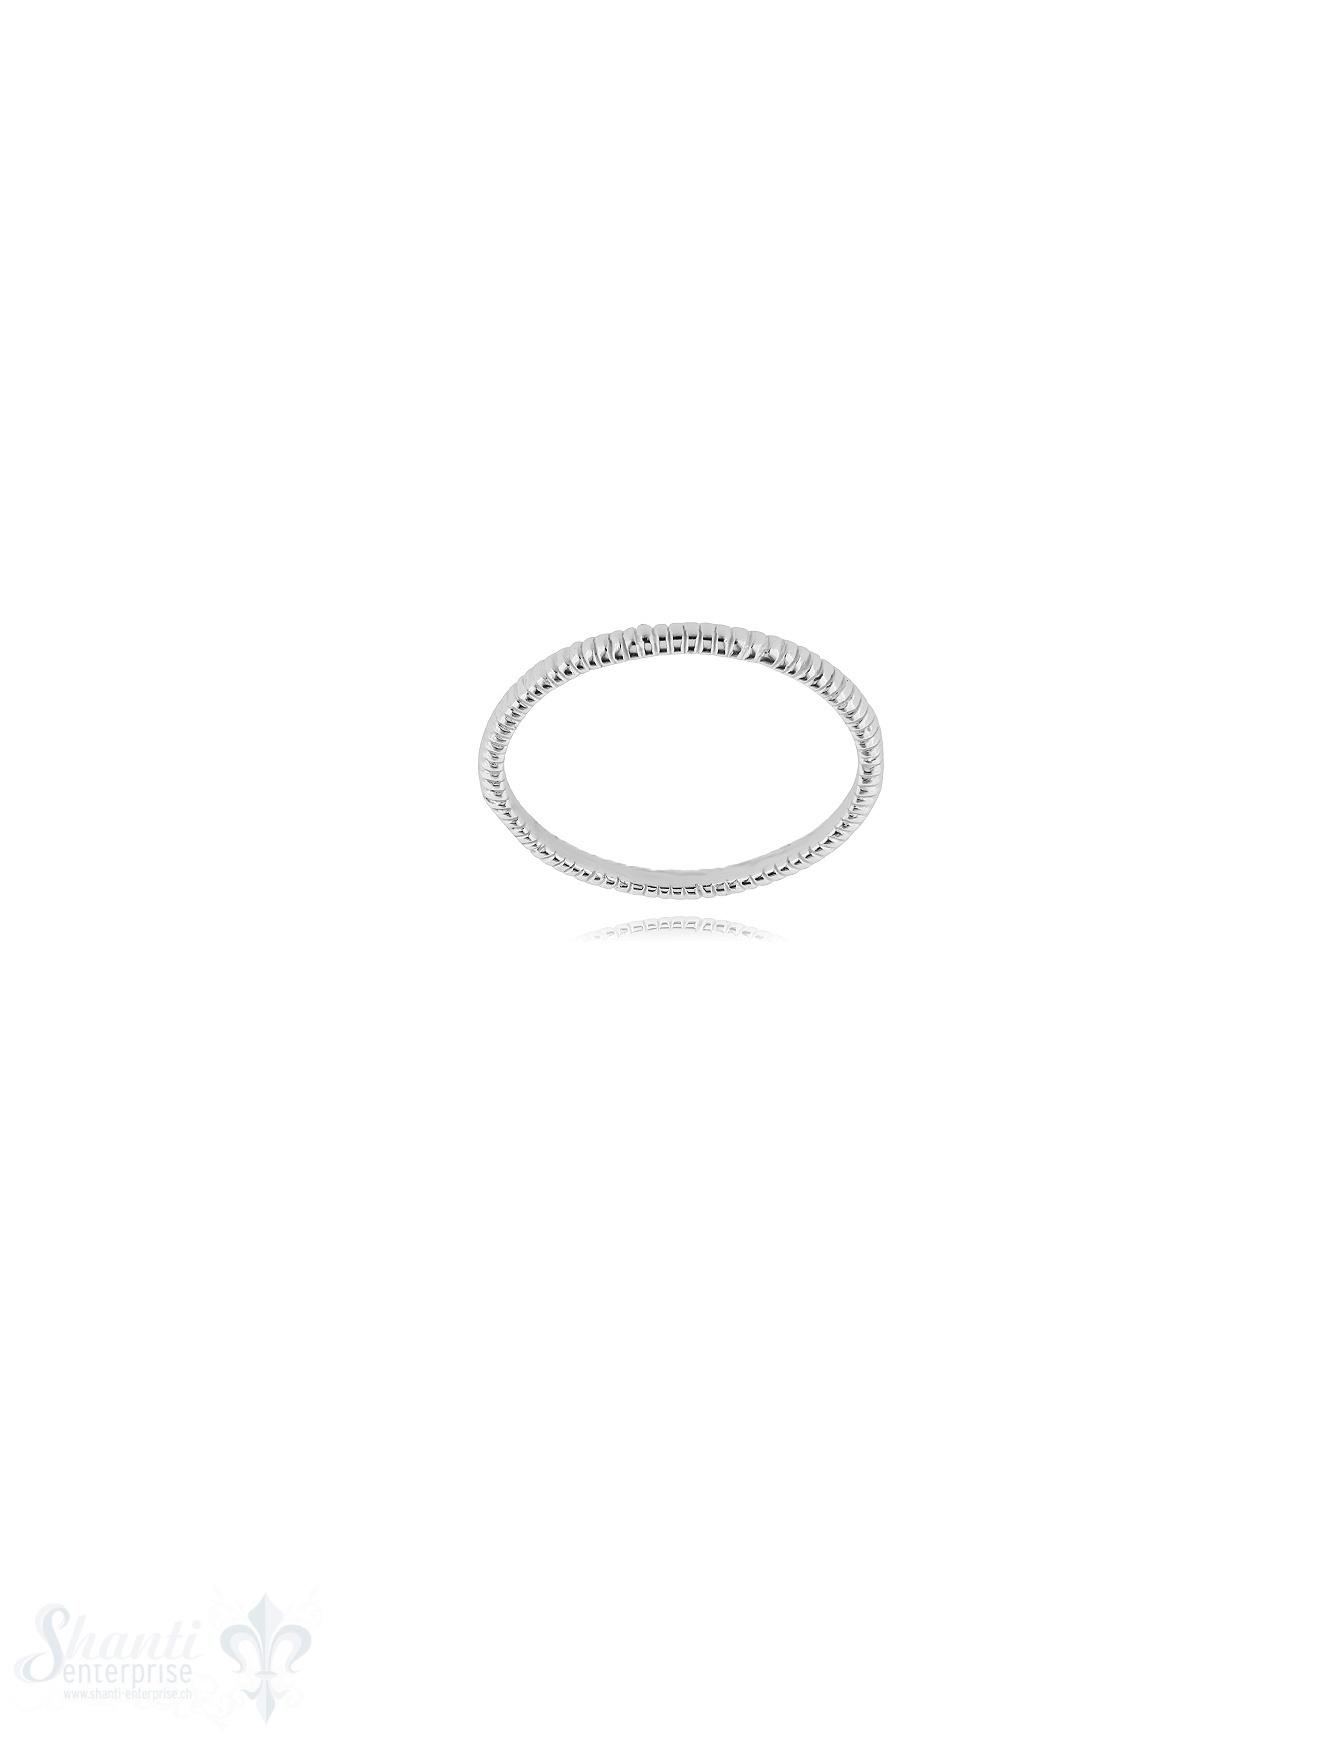 Struktur Silberring 1,7 mm breit fein gerilllt Innenseite flach Silber 925 hell